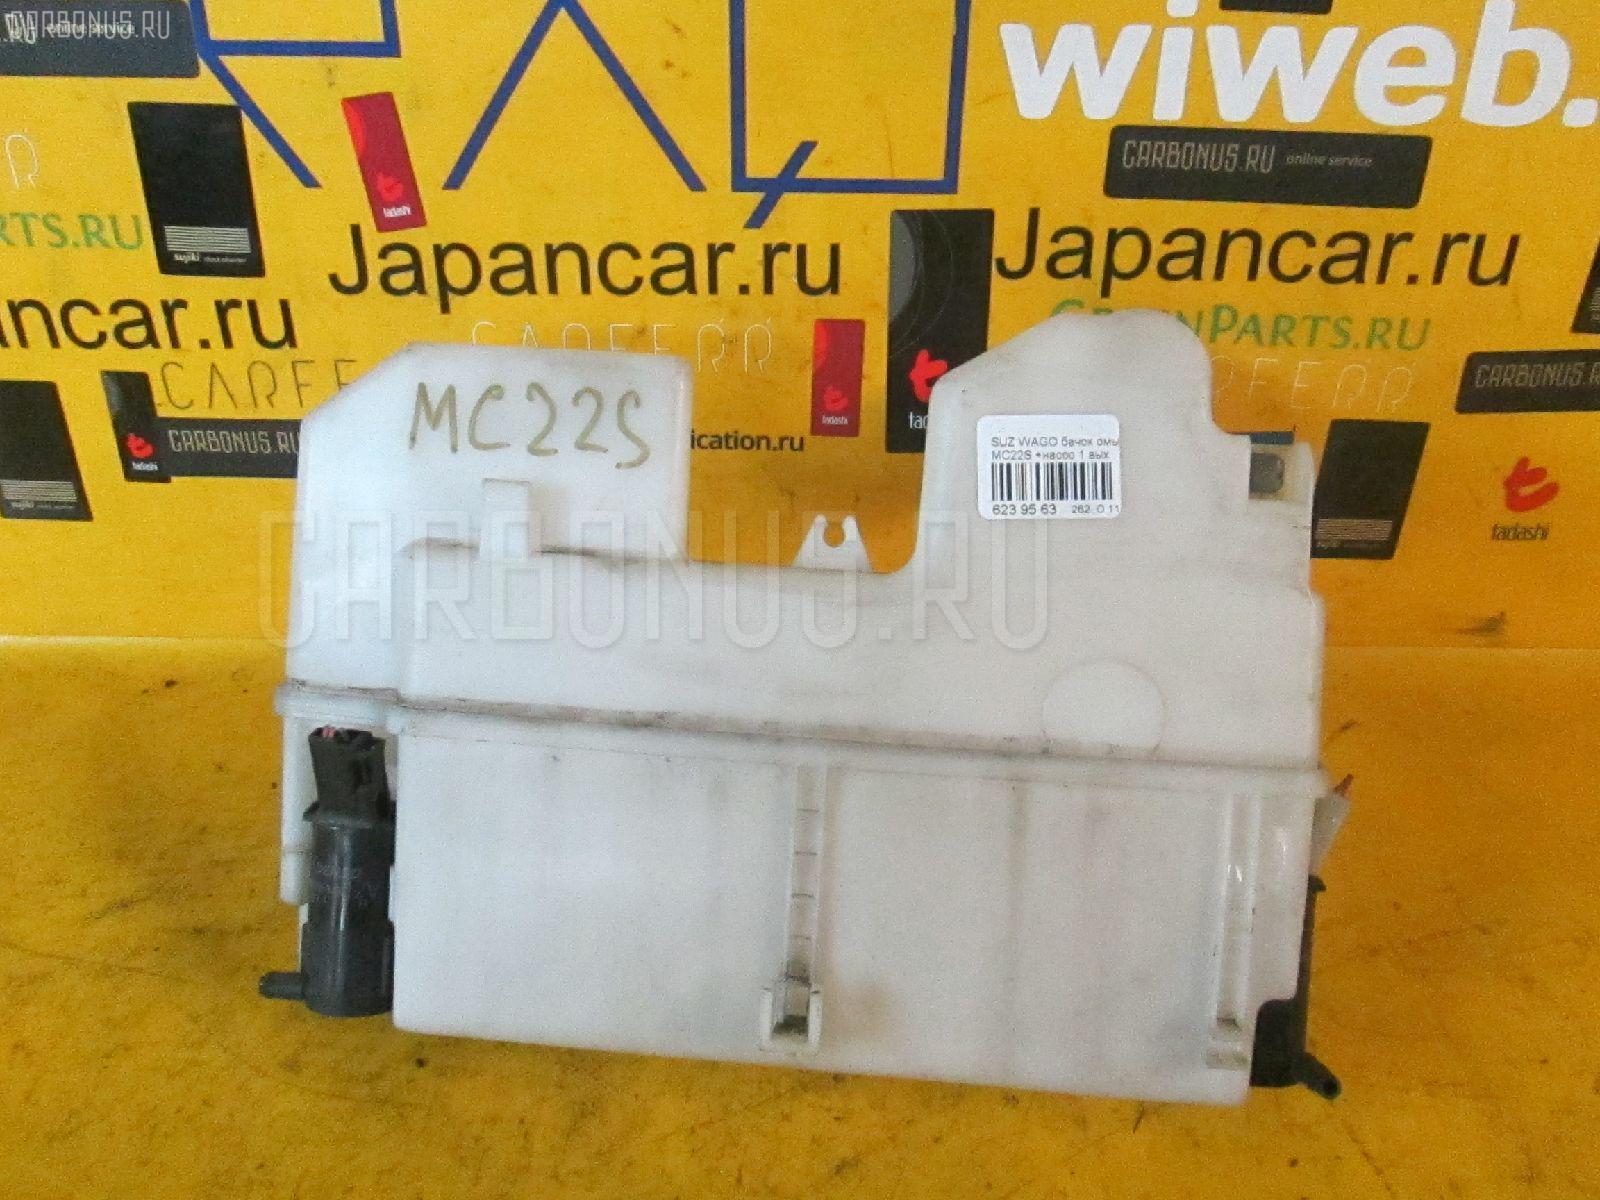 Бачок омывателя SUZUKI WAGON R MC22S Фото 1